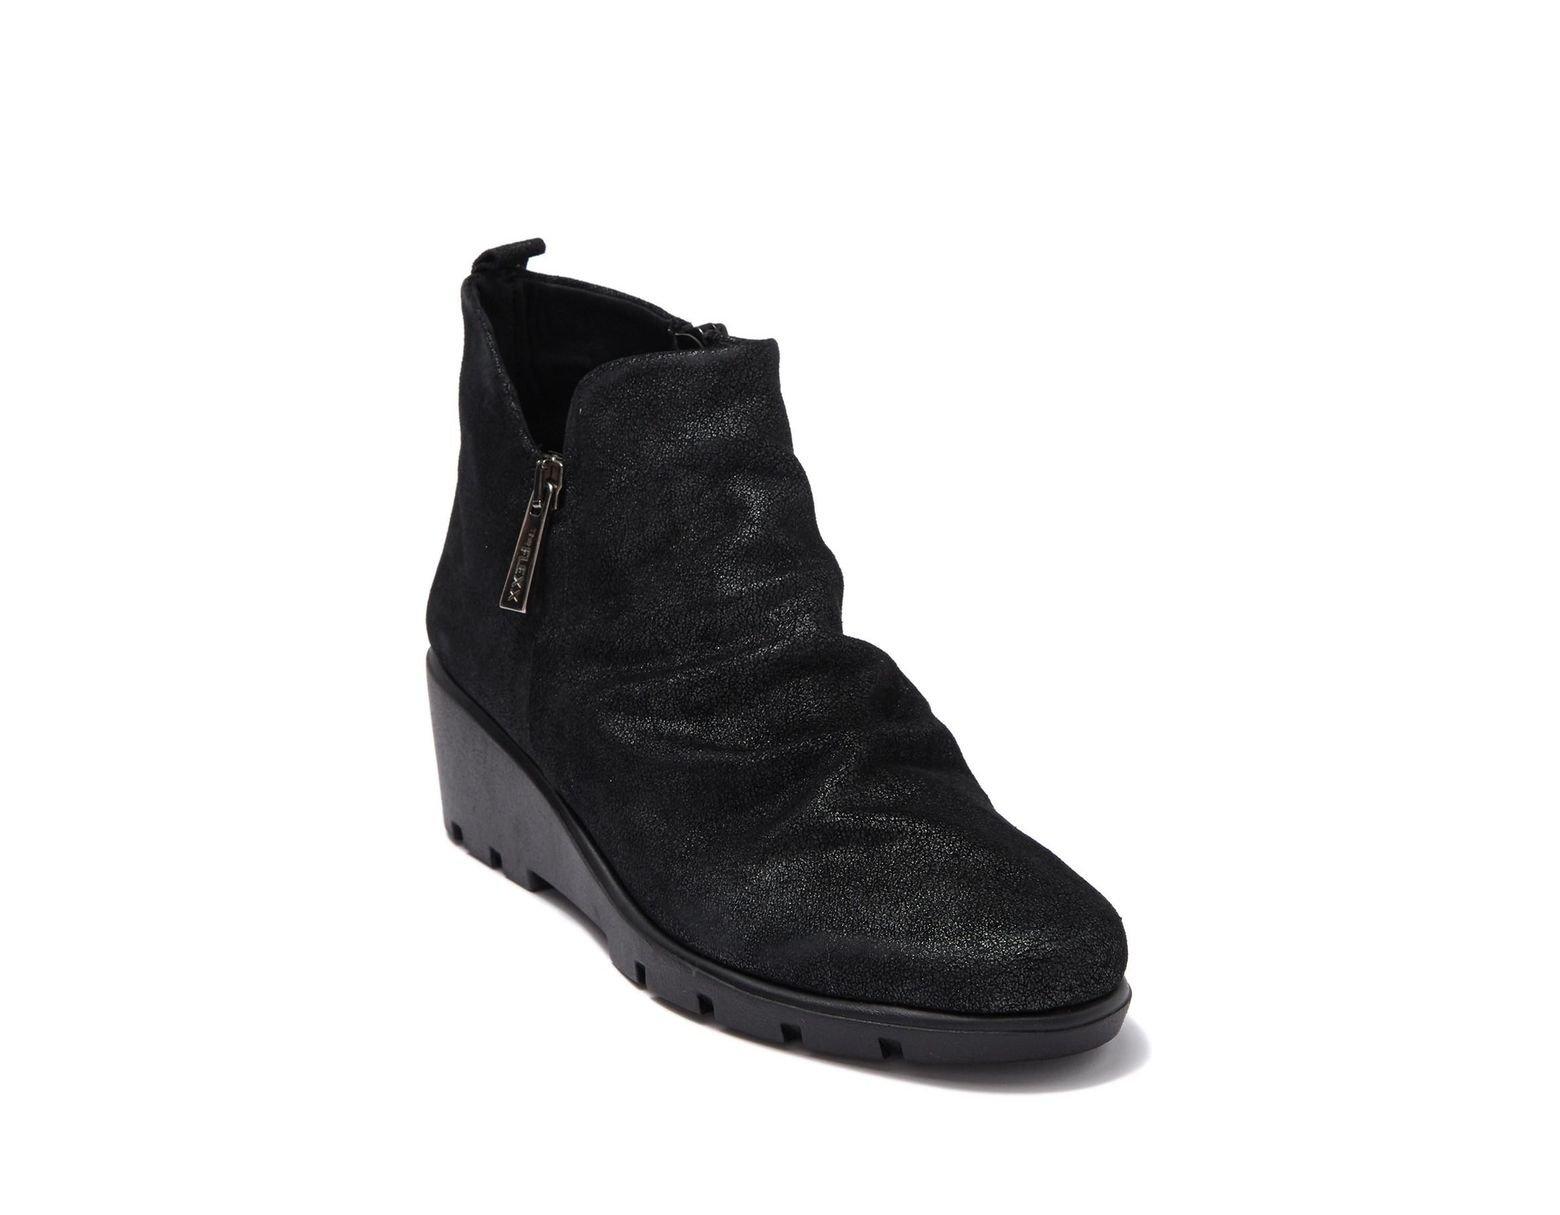 Women's Black Slingshot Wedge Ankle Boot